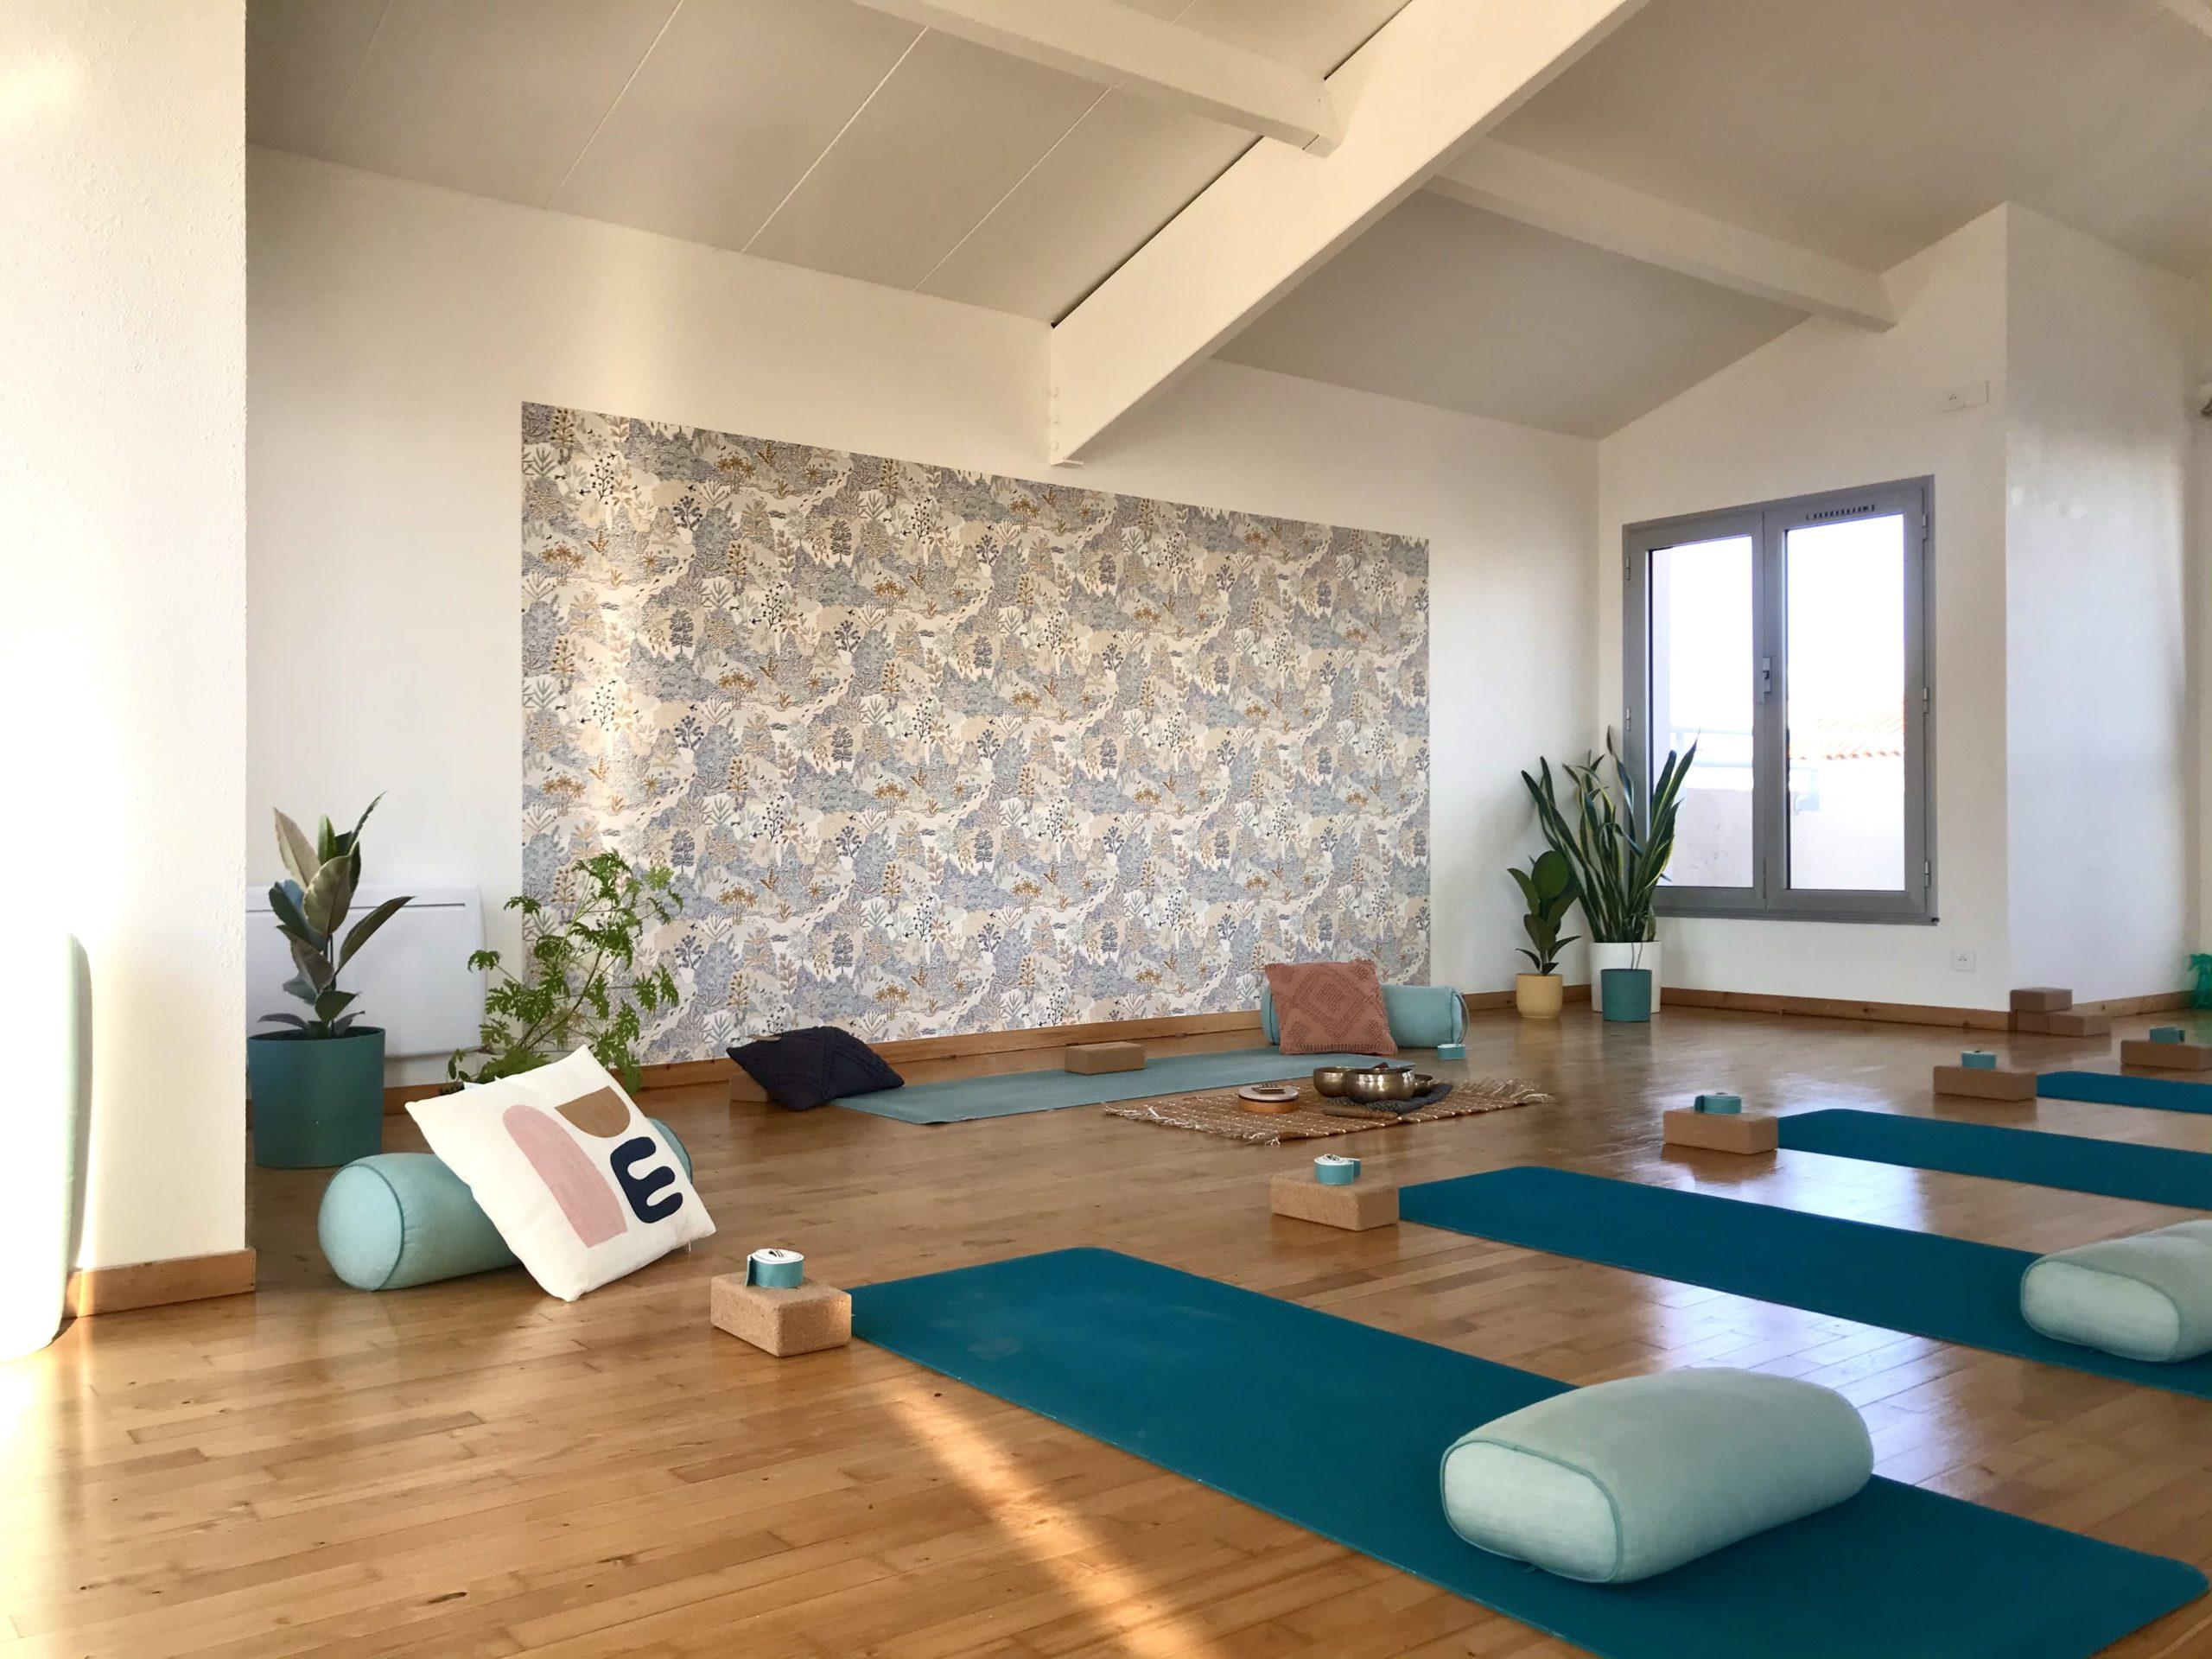 Vue de la salle de pratique avec le matériel installé, tapis, bolsters, briques et sangles